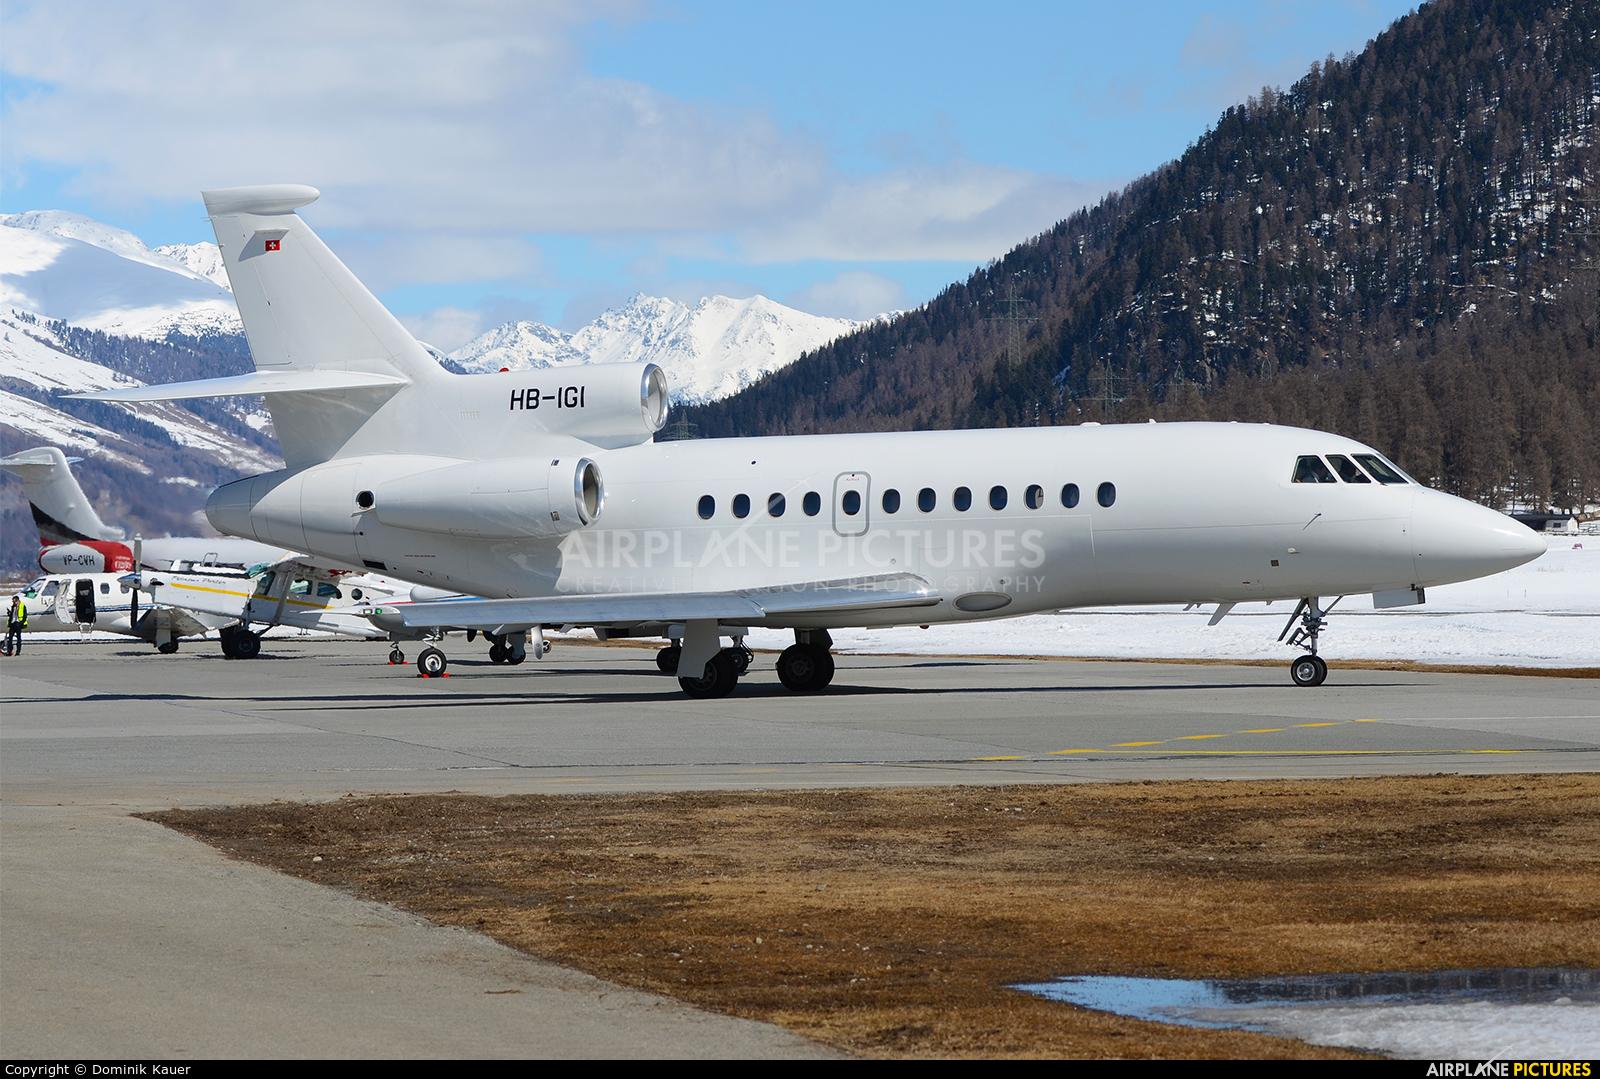 Private HB-IGI aircraft at Samedan - Engadin